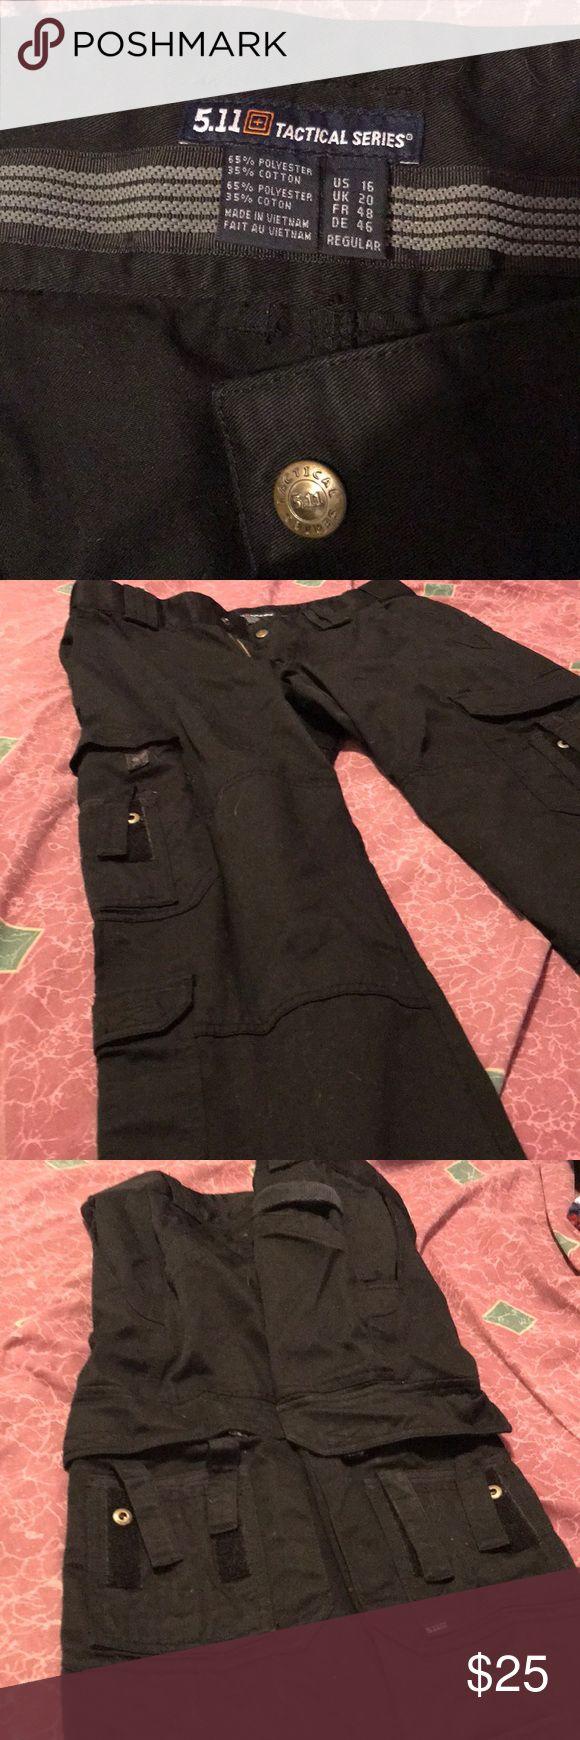 5.11 tactical pants Womans black, size 16, 32 length, EMS, pants 5.11 Tactical Pants